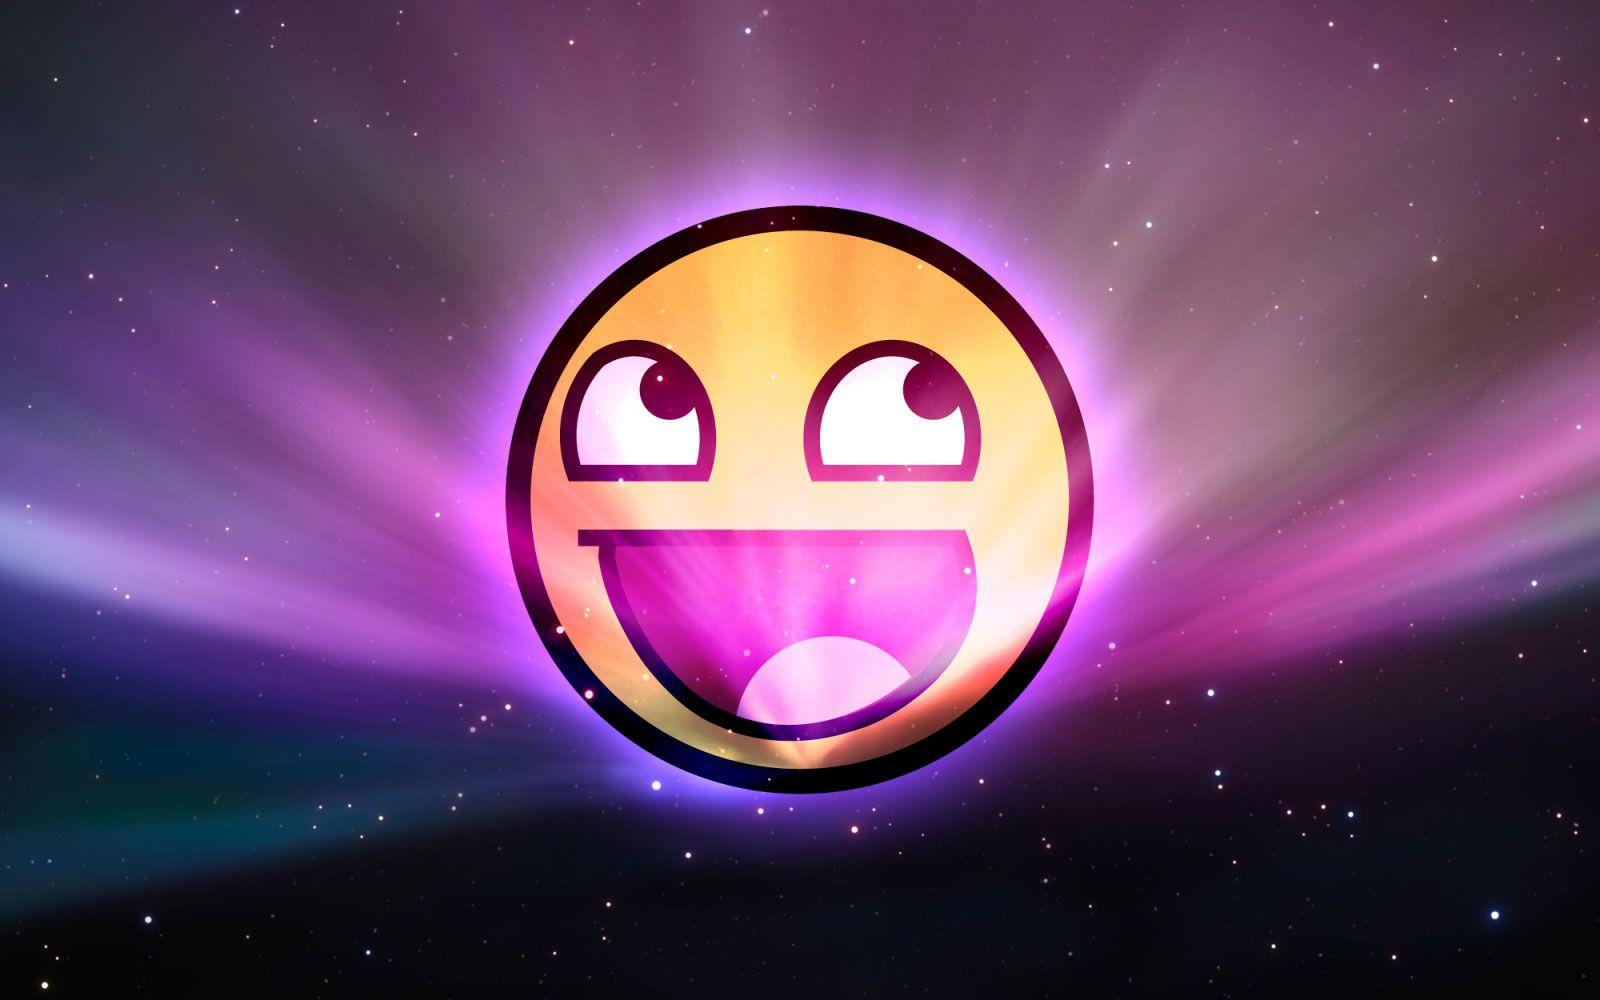 Emojis Wallpapers Wallpaper Cave